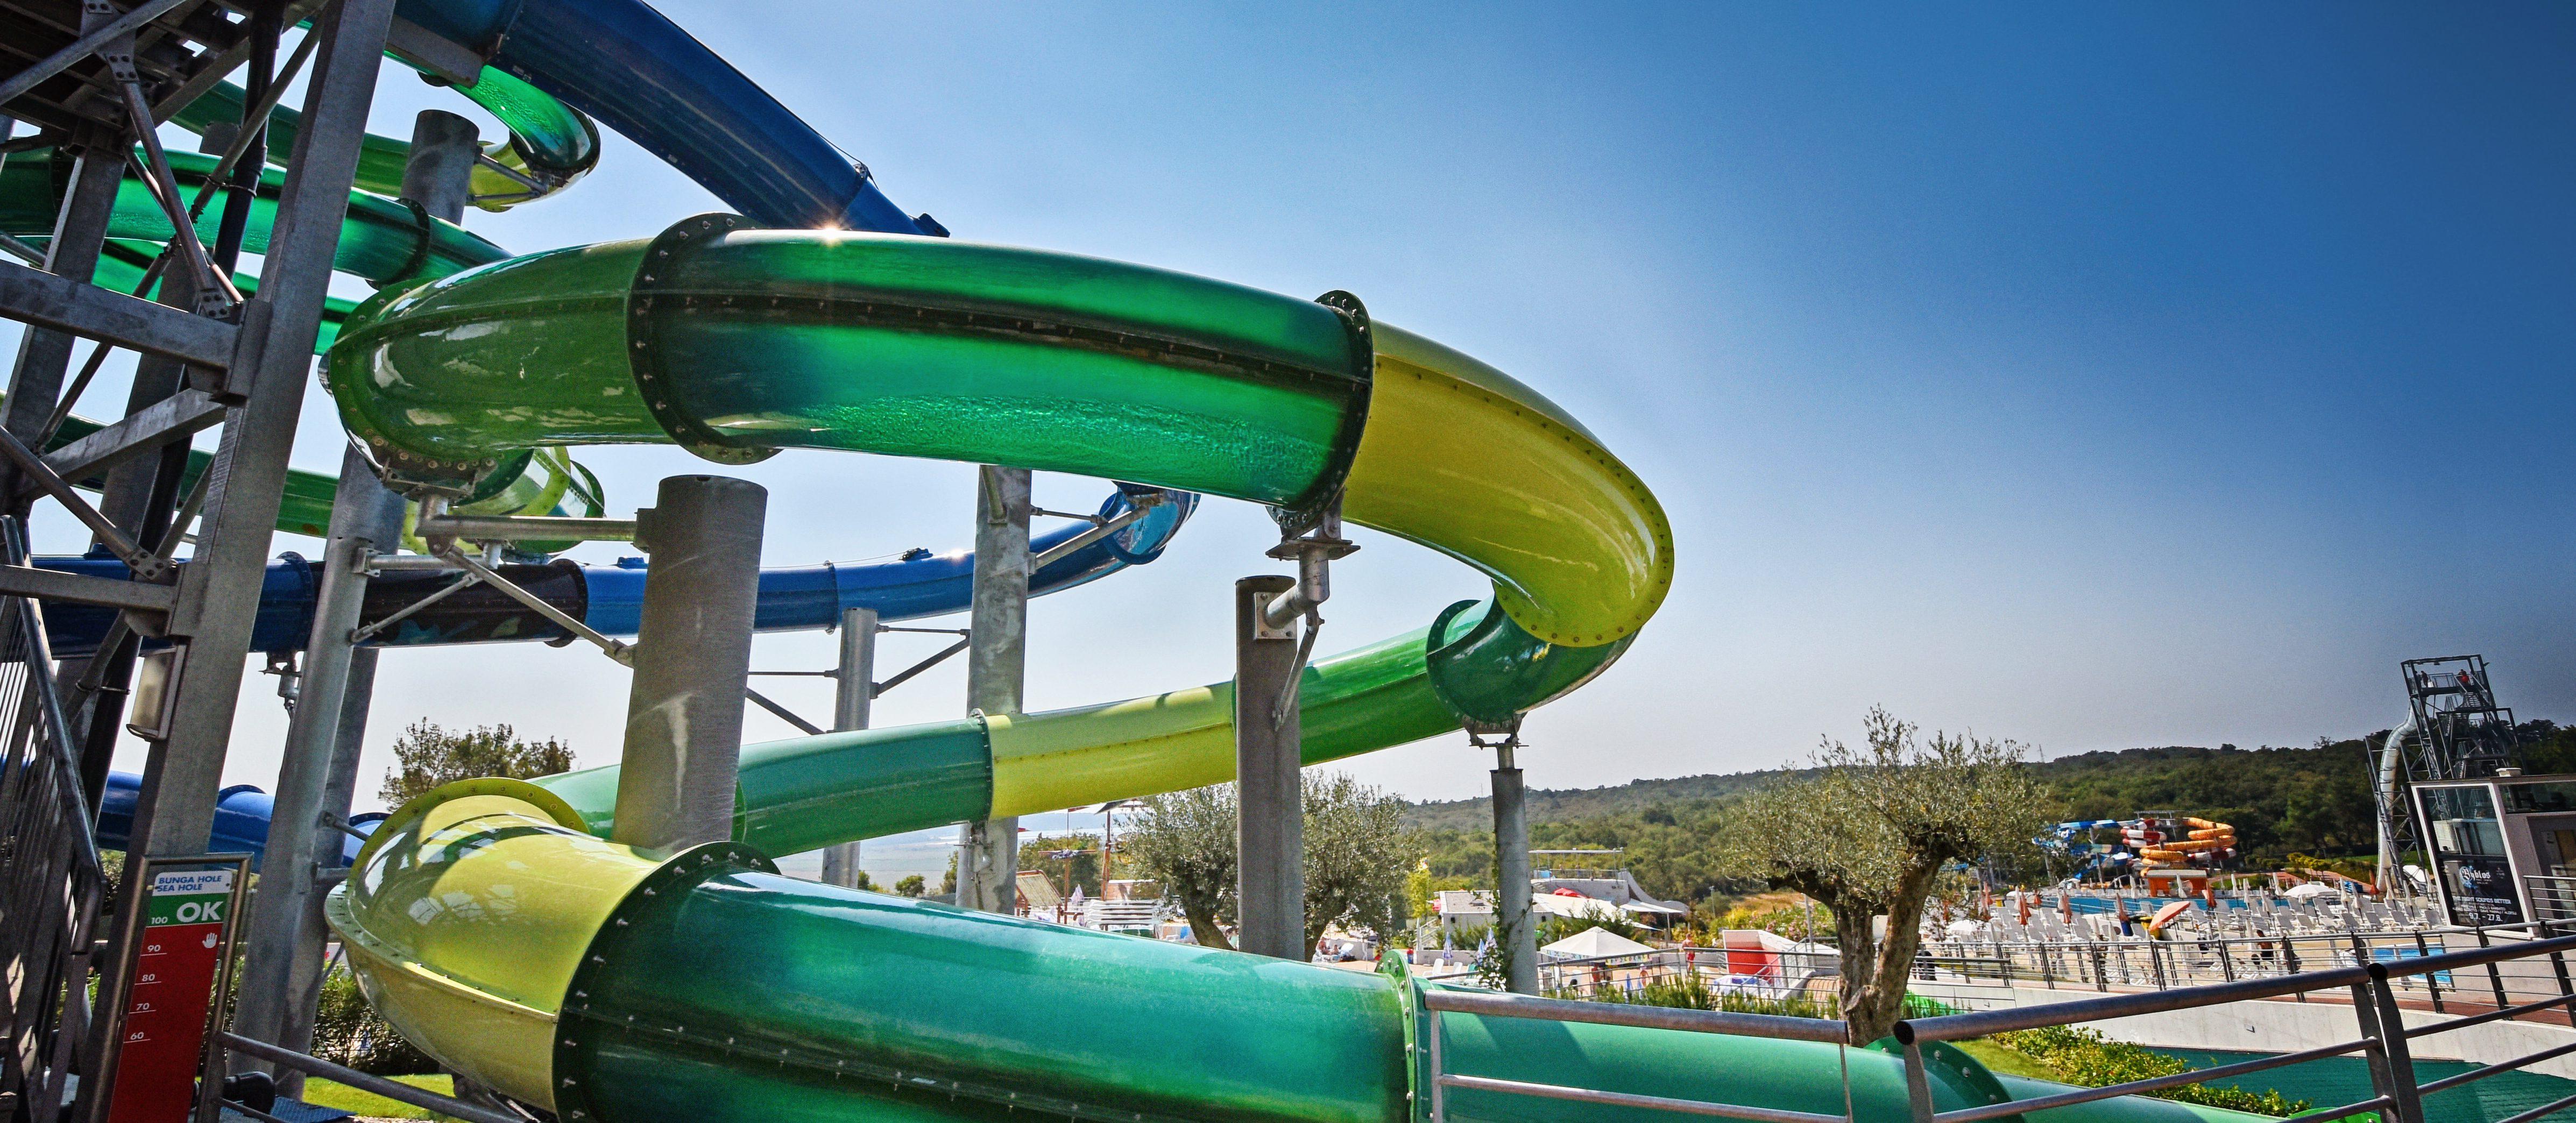 Aquapark Istralandia Kroatien